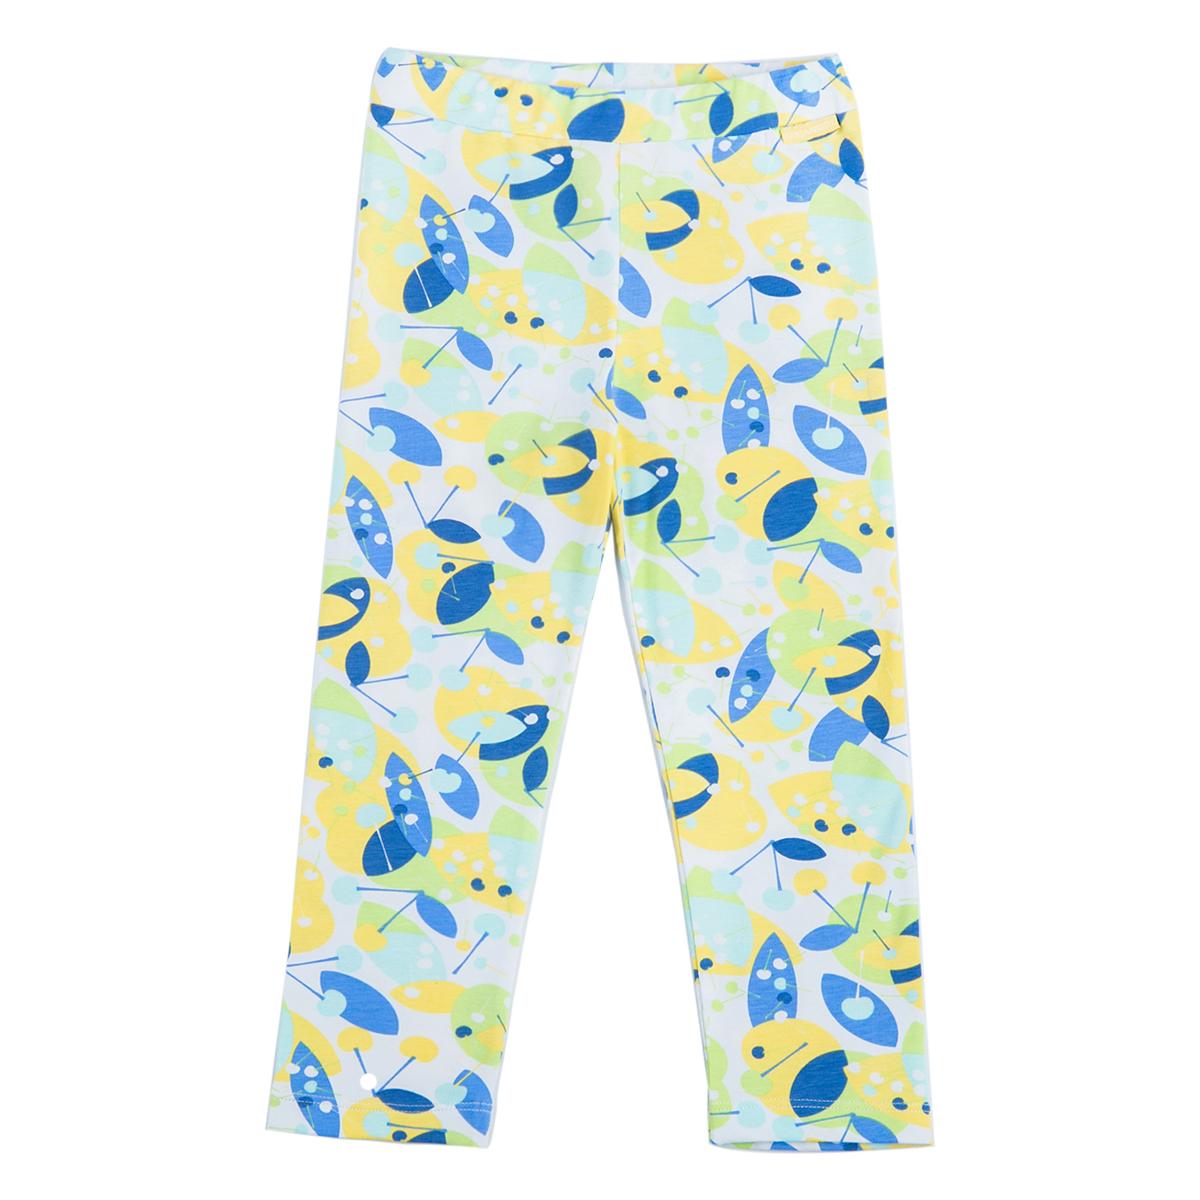 Брюки KogankidsБрюки-леггинсы идеально подходят для максимального комфорта во время движения. Незаменимая вещь в гардеробе вашего ребенка. Брюки станут отличной базовой вещью, комбинируйте их с разноцветными футболками или джемперами. Практичные, подходят на каждый день.<br>Размер: 104, 110, 116, 122, 128, 134, 140, 98; Цвет: Белый;